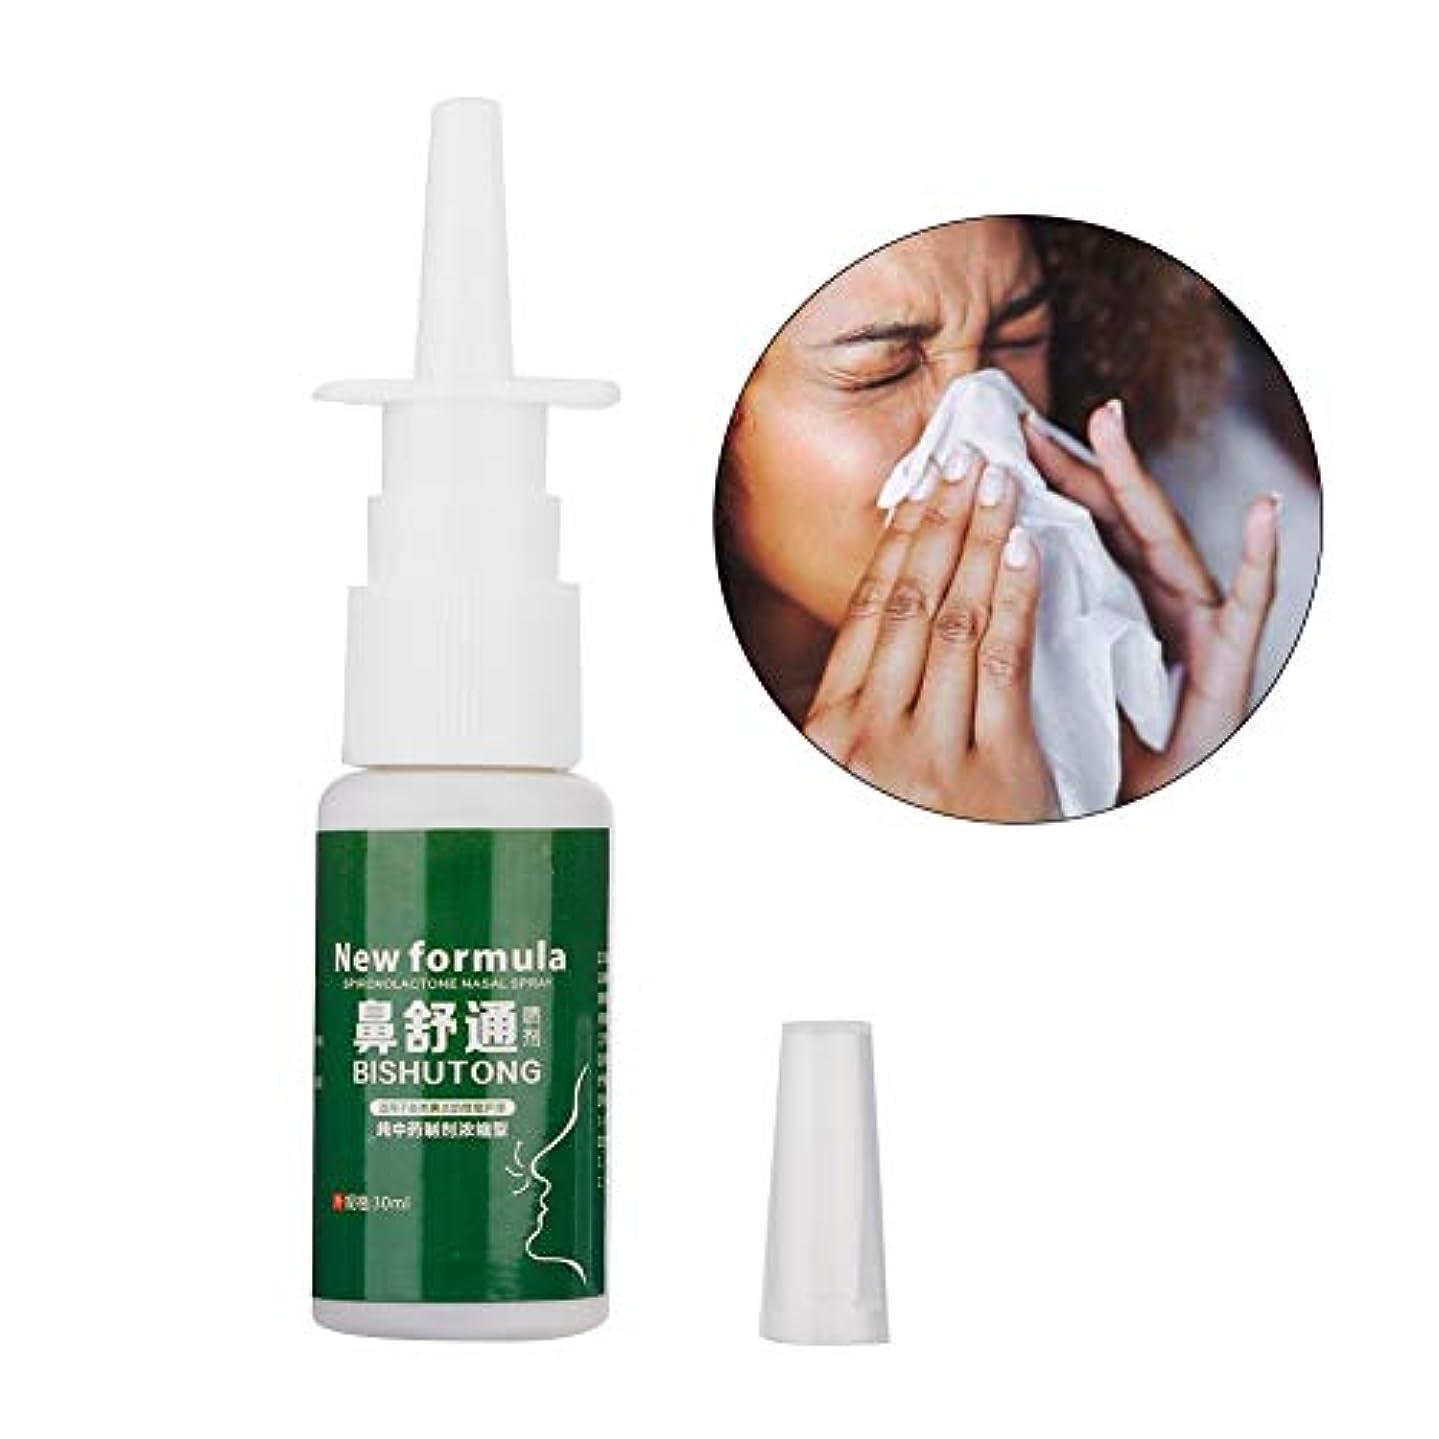 生まれ薄いですウール鼻アレルギー鼻炎スプレー、30ml鼻炎ハーブスプレー鼻アレルギーとかゆみ鼻炎のための漢方薬